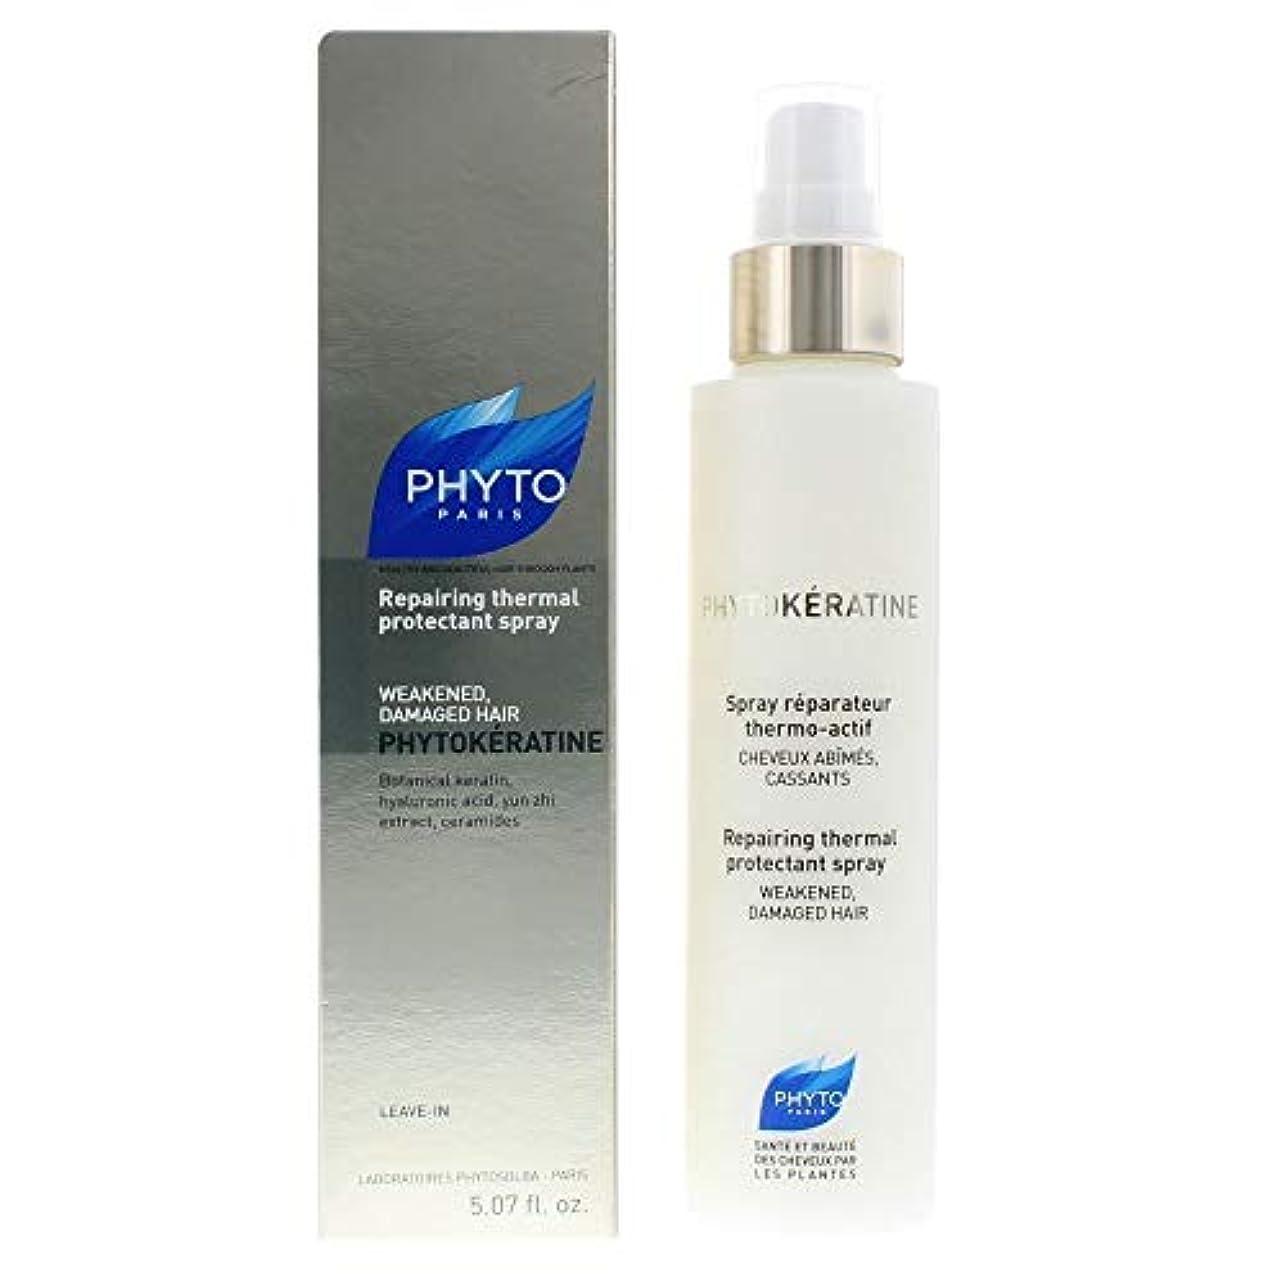 操作可能傘カストディアンPhyto Phytokeratine Repairing Thermal Protectant Spray 150ml